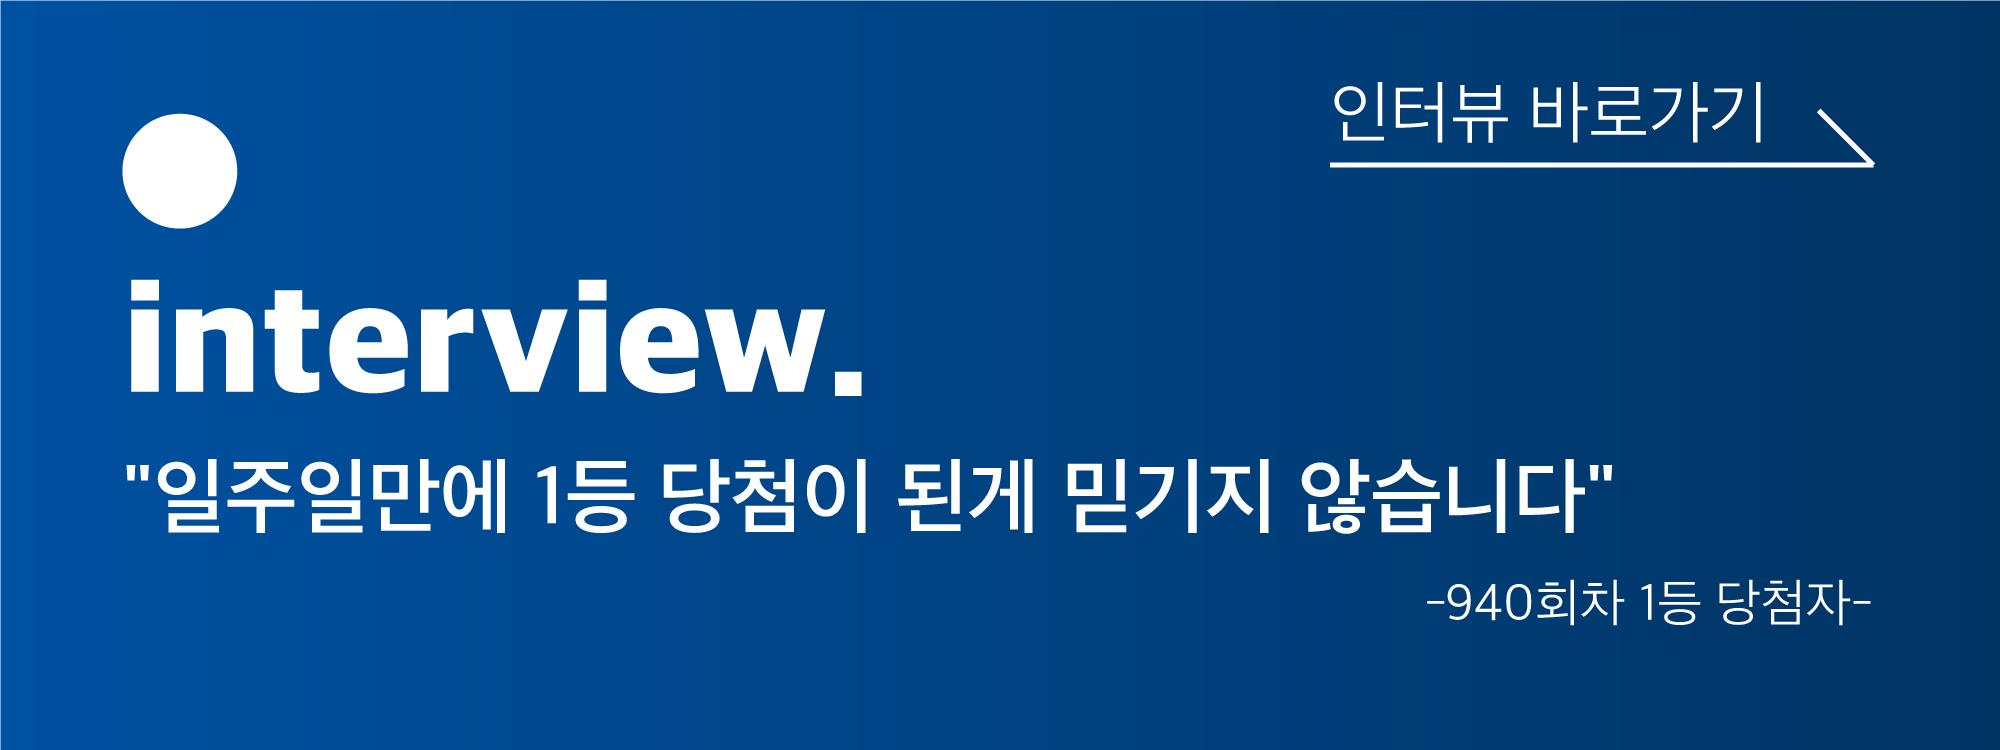 한국복권데이터 당첨자 인터뷰